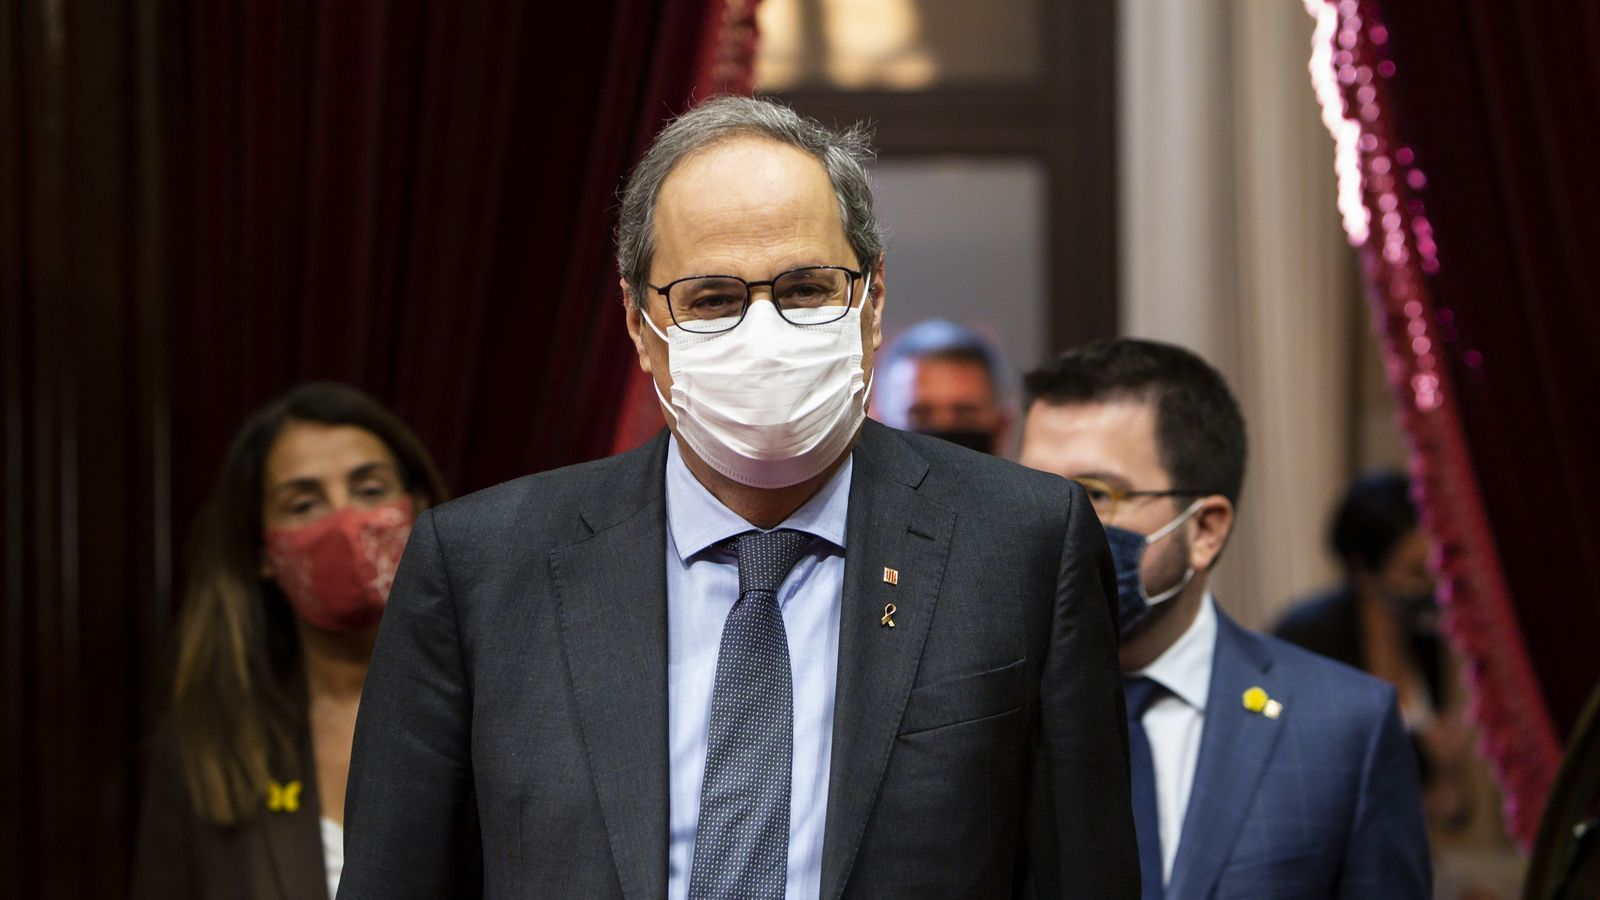 El Supremo inhabilita a Torra por unanimidad y pone fecha de caducidad a la legislatura catalana